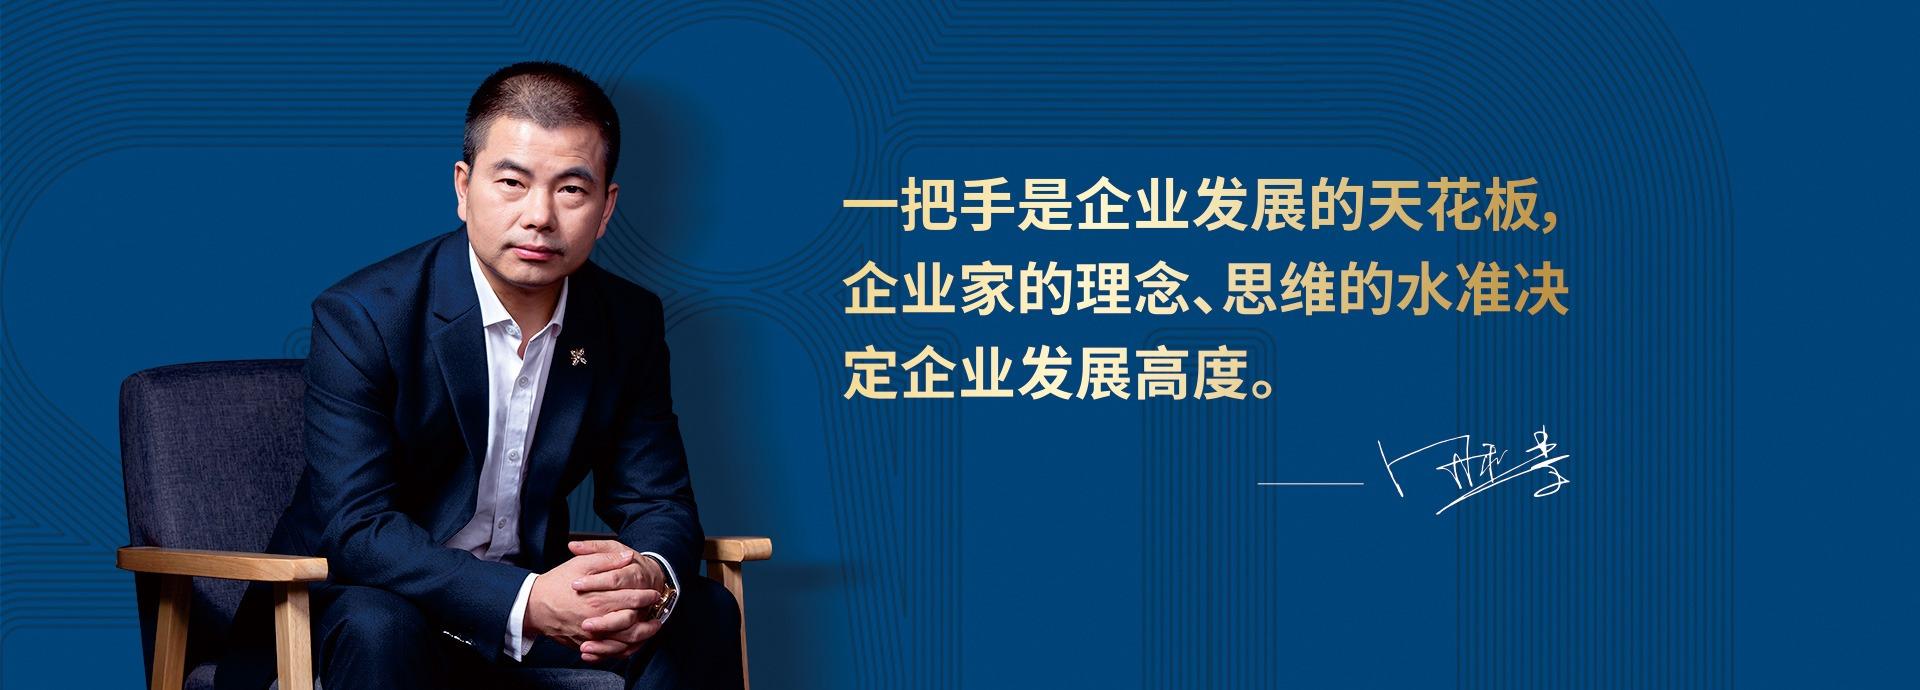 广州道成咨询-客户与案例-阿米巴客户视频banner